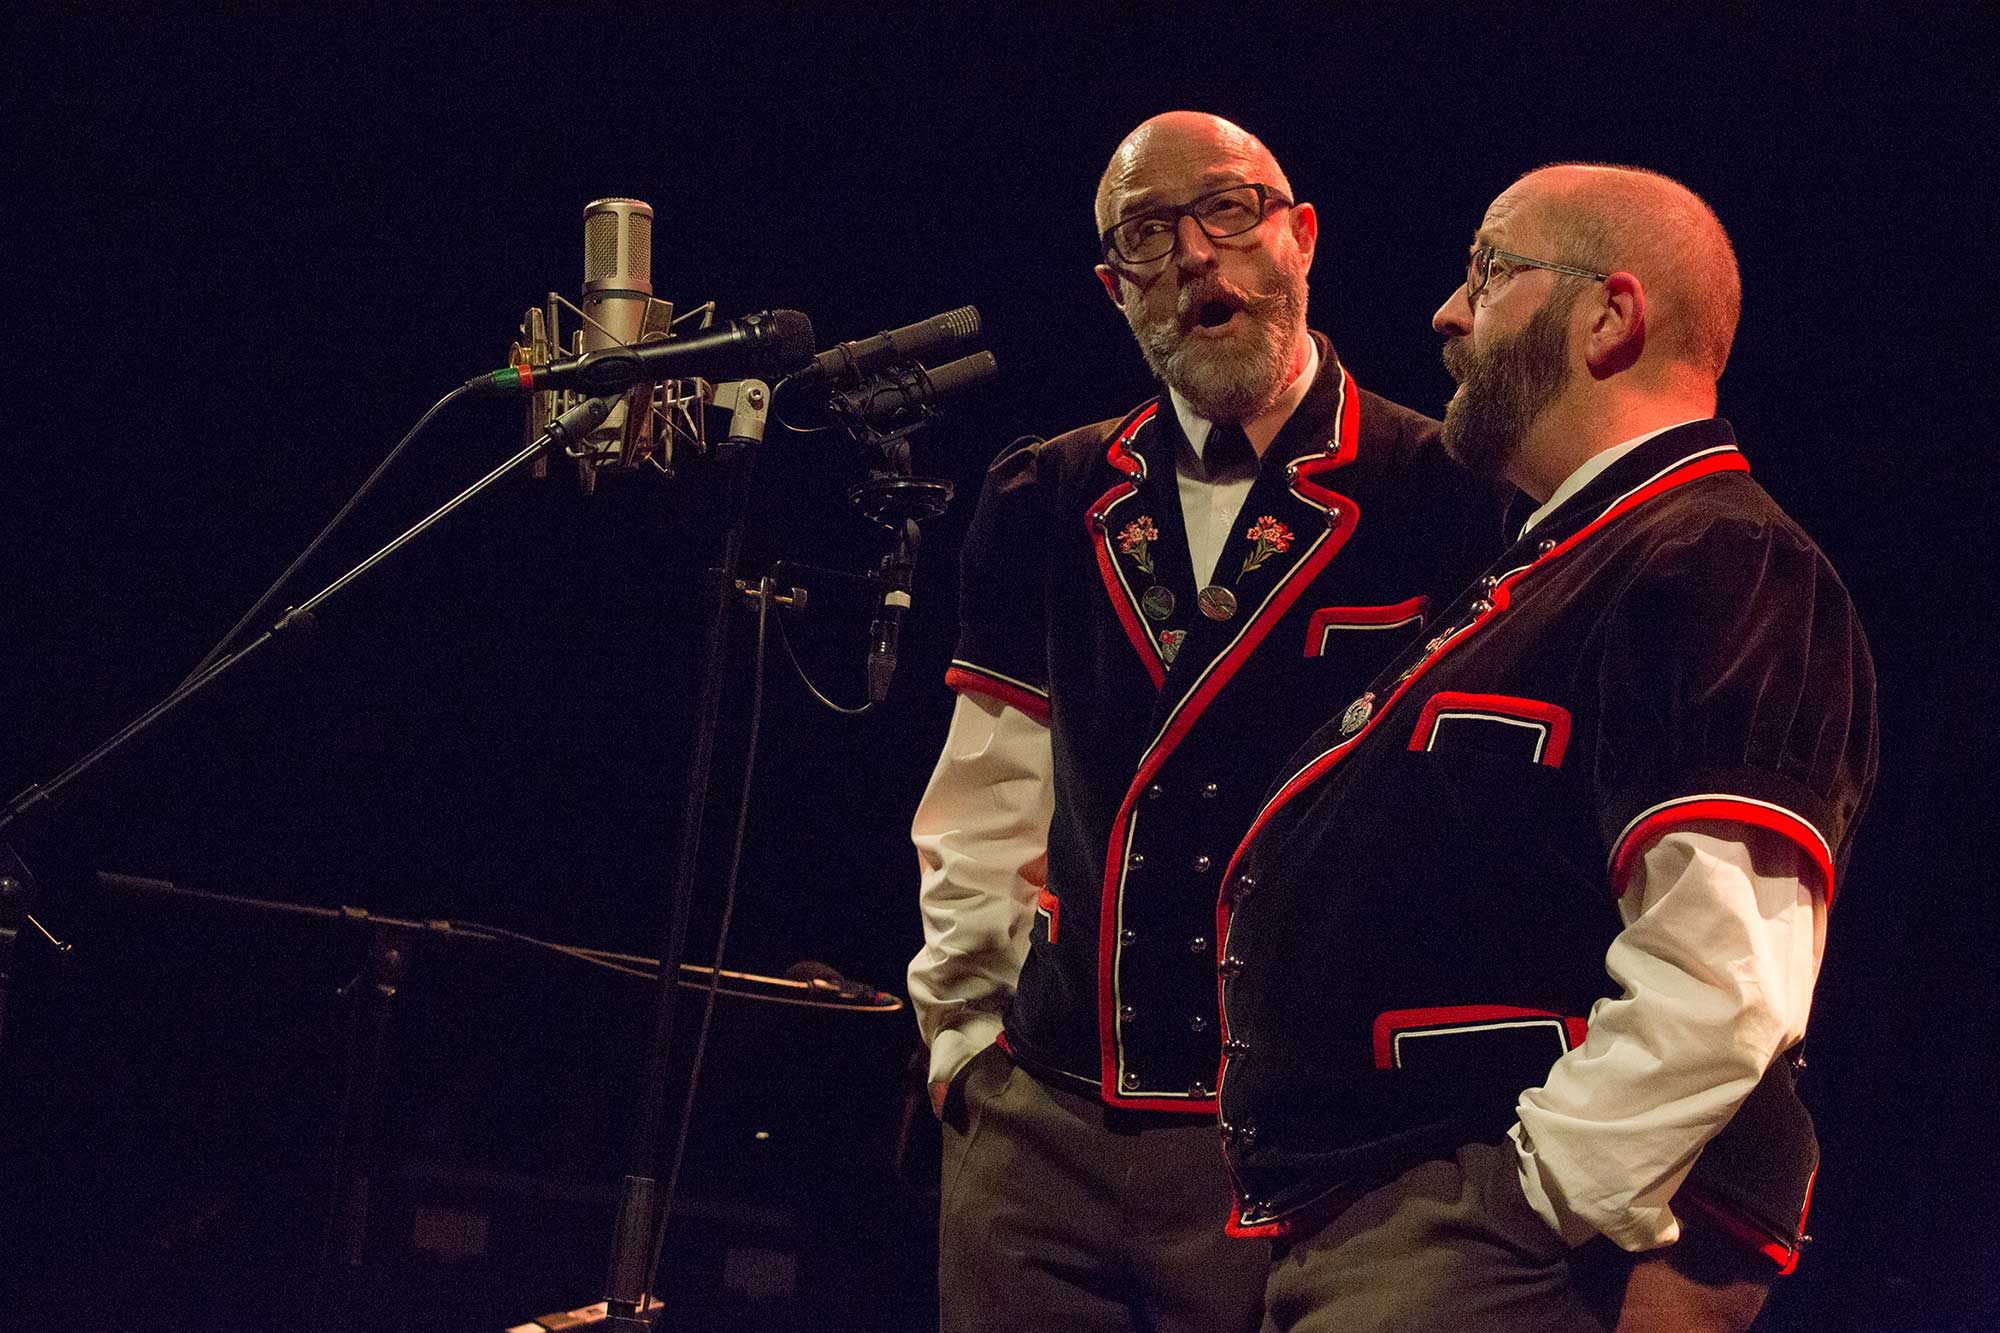 deux chanteurs en habits traditionnels la bouche ouverte